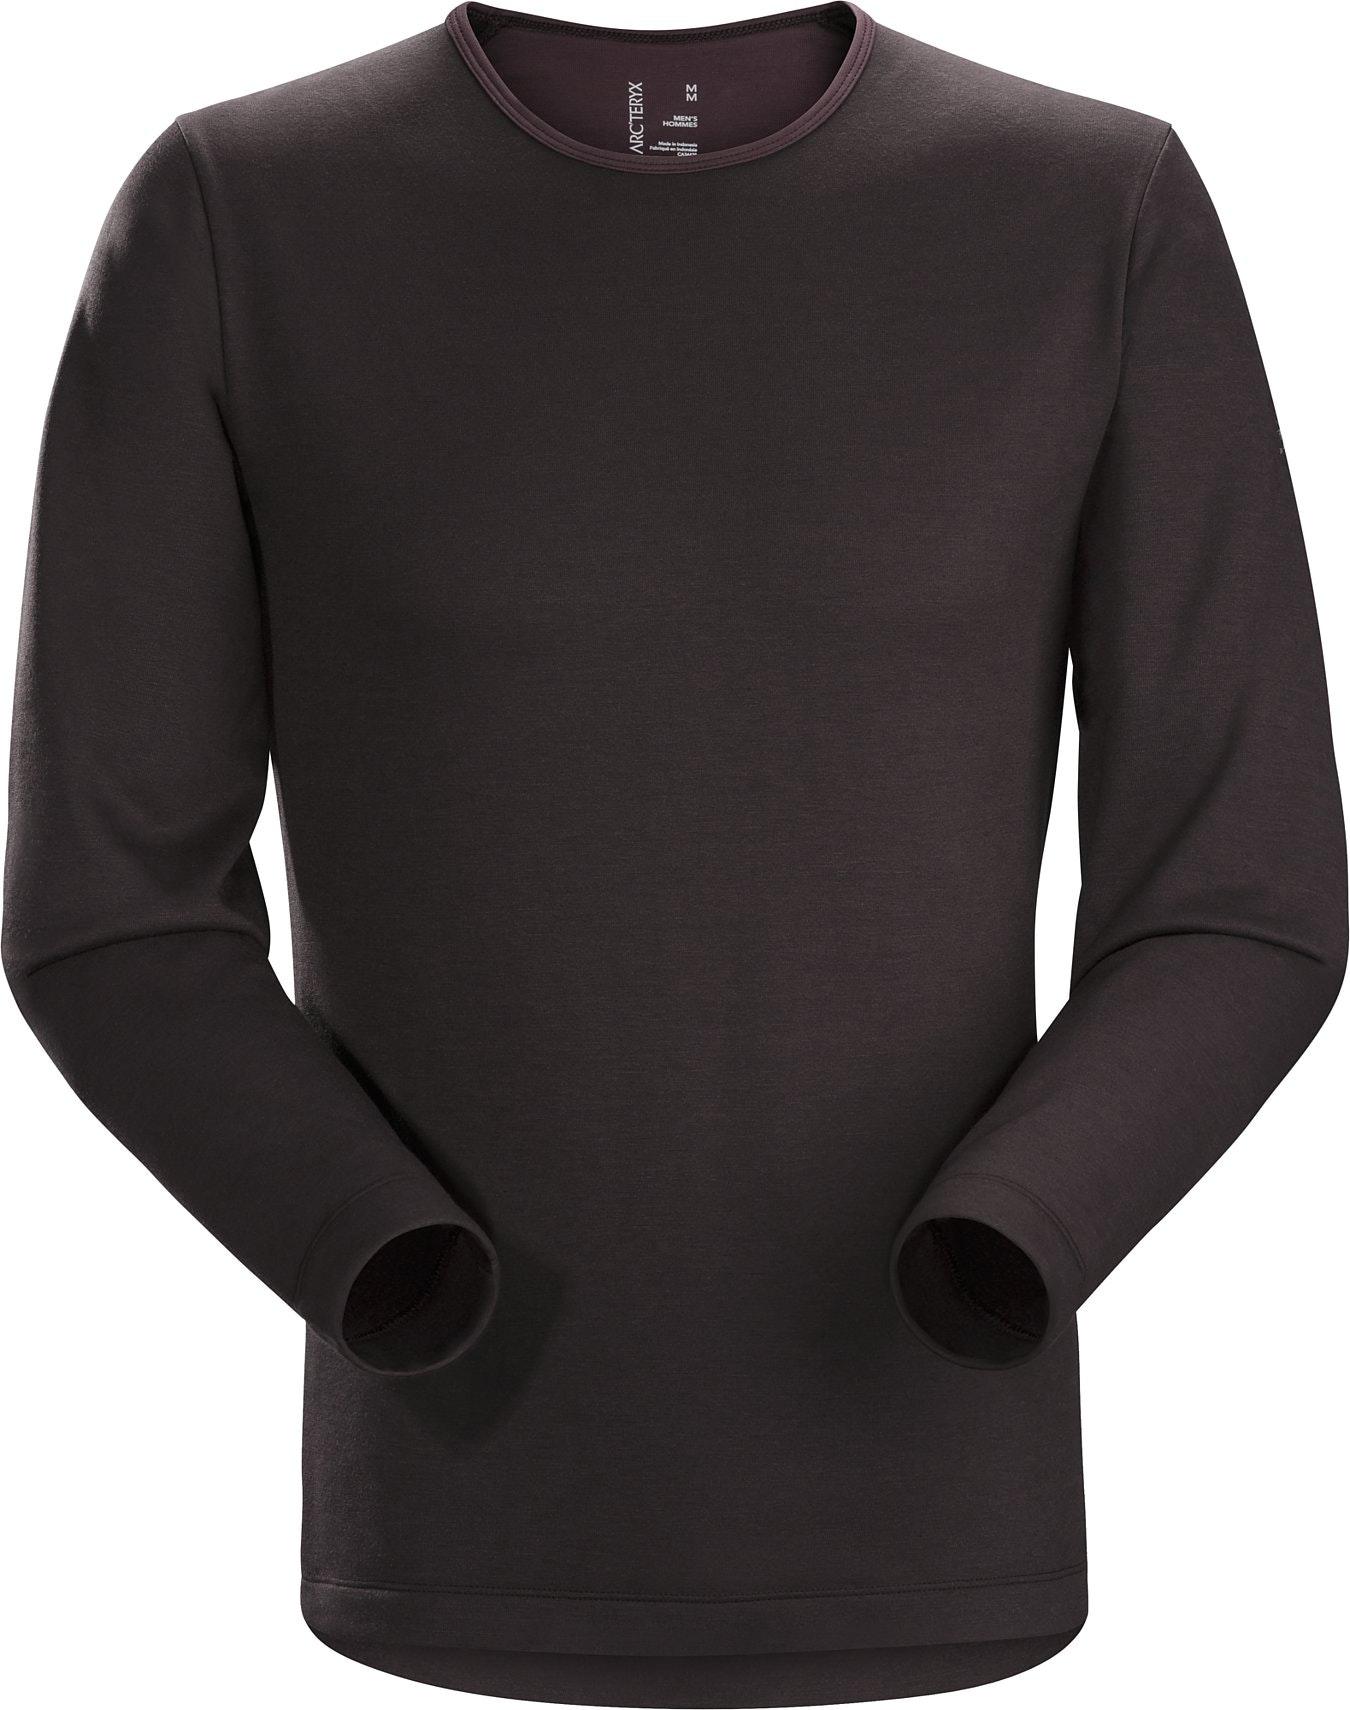 Dallen Fleece Pullover   Herren   Arc teryx c2b676d455